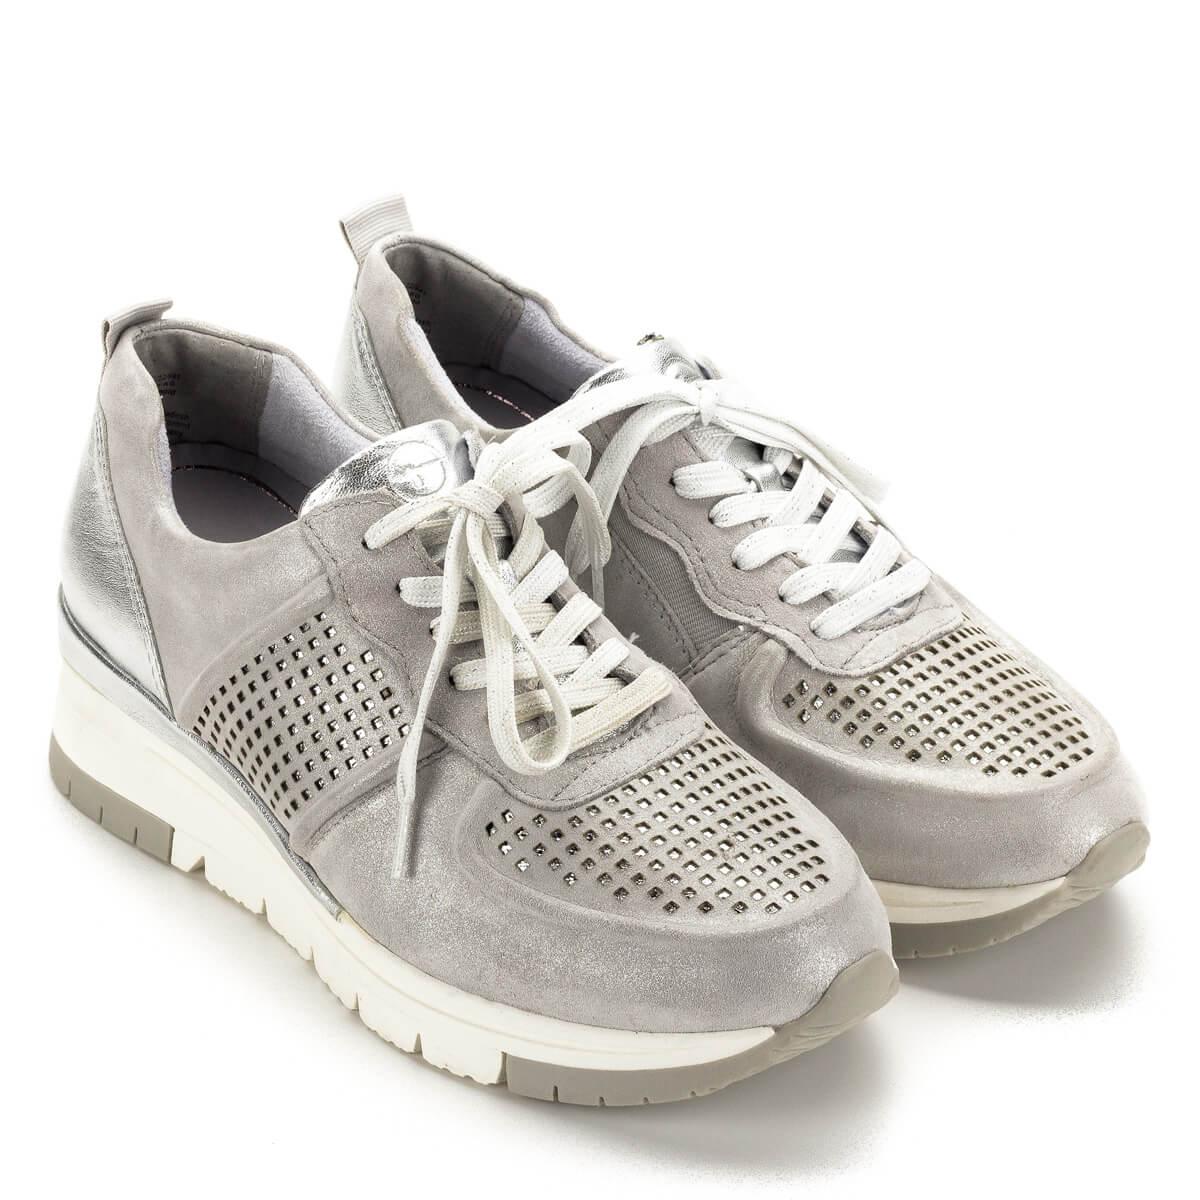 b5feacd809 Ezüst színű Tamaris sneaker emelt sarokrésszel, fényes sarokkal, belső  oldalán gumi toldással.